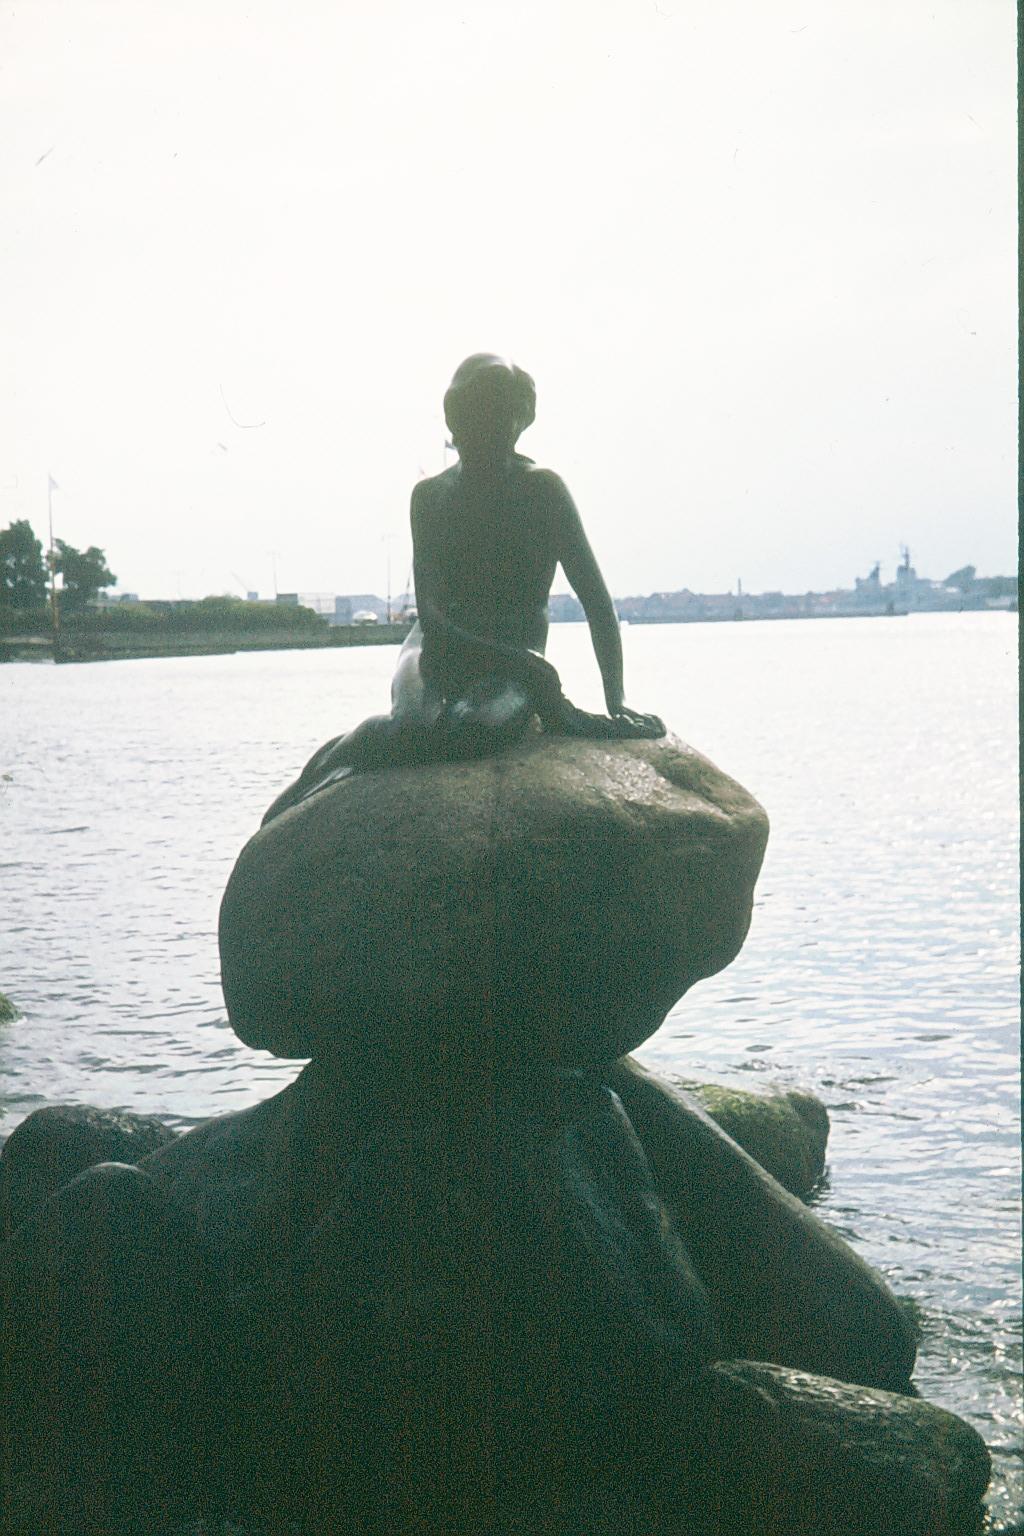 Mermaid in Kopenhagen